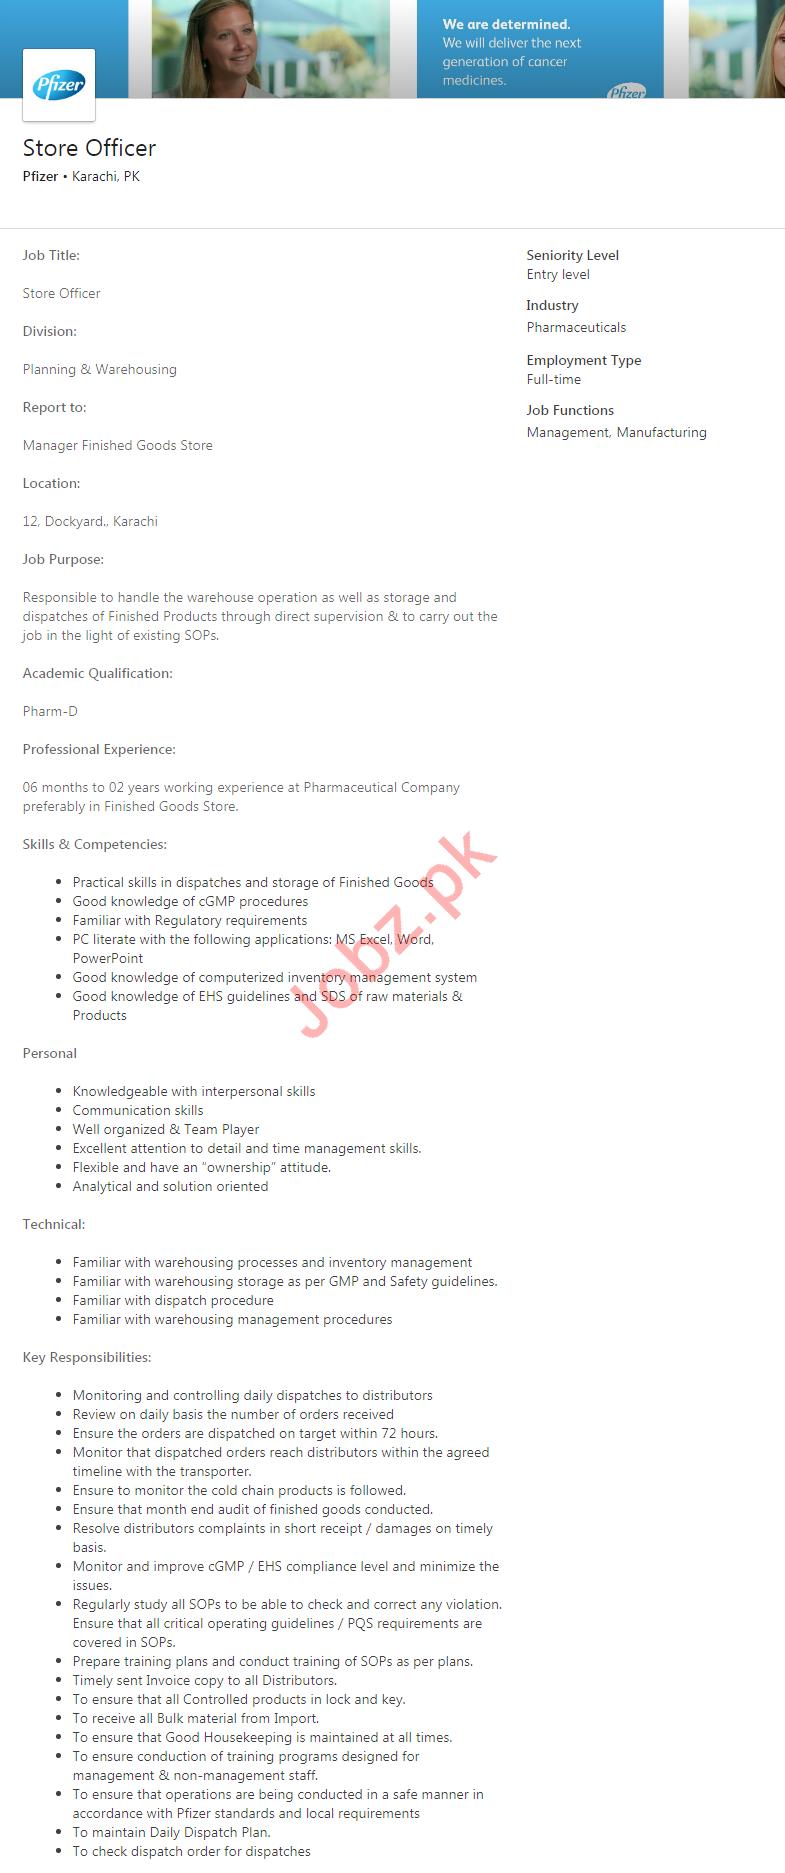 Store Officer Job 2020 in Karachi